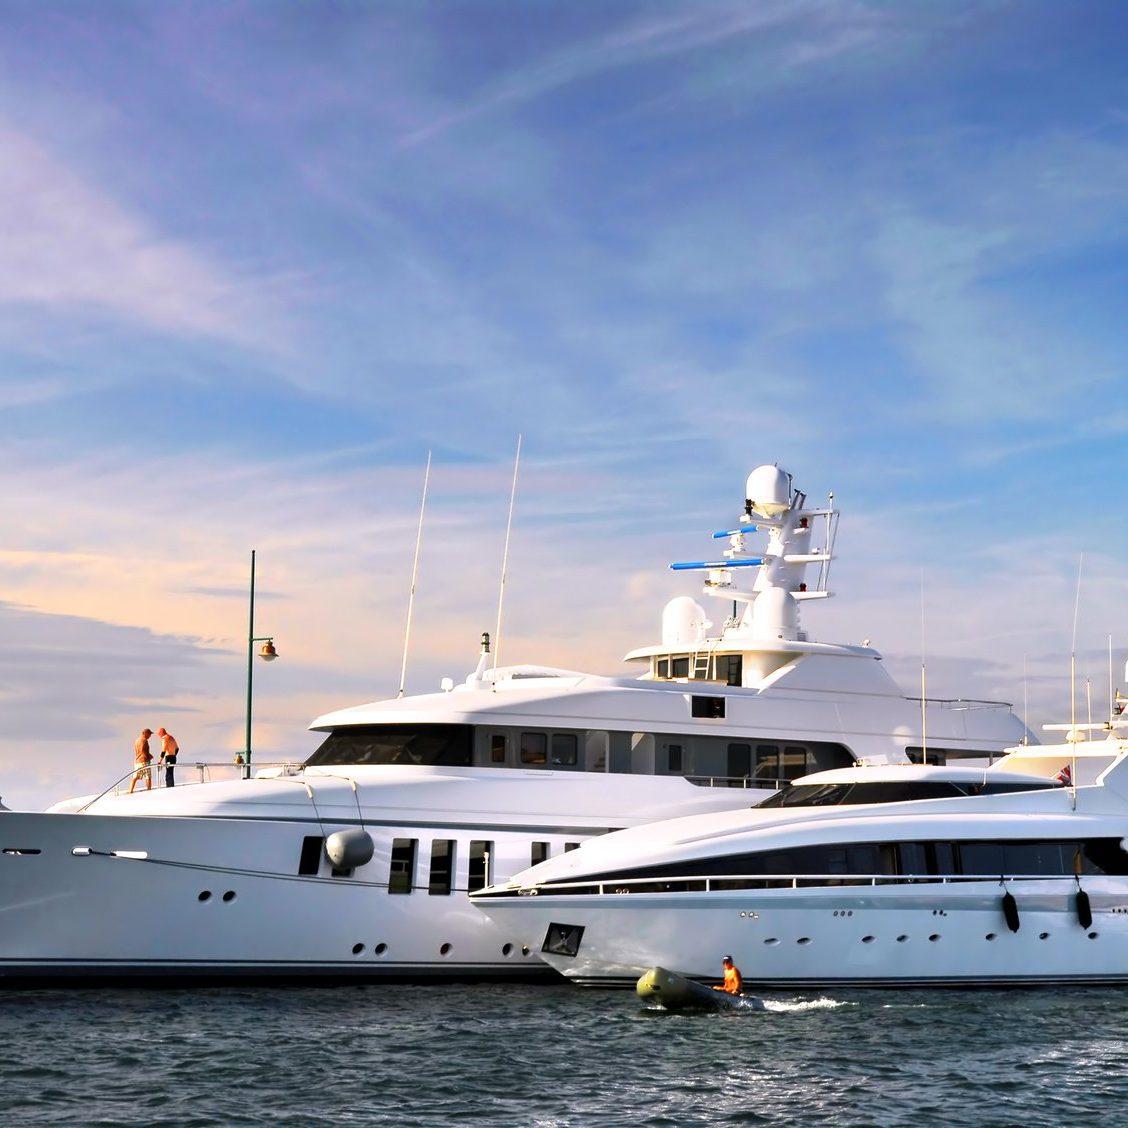 Large luxury yachts